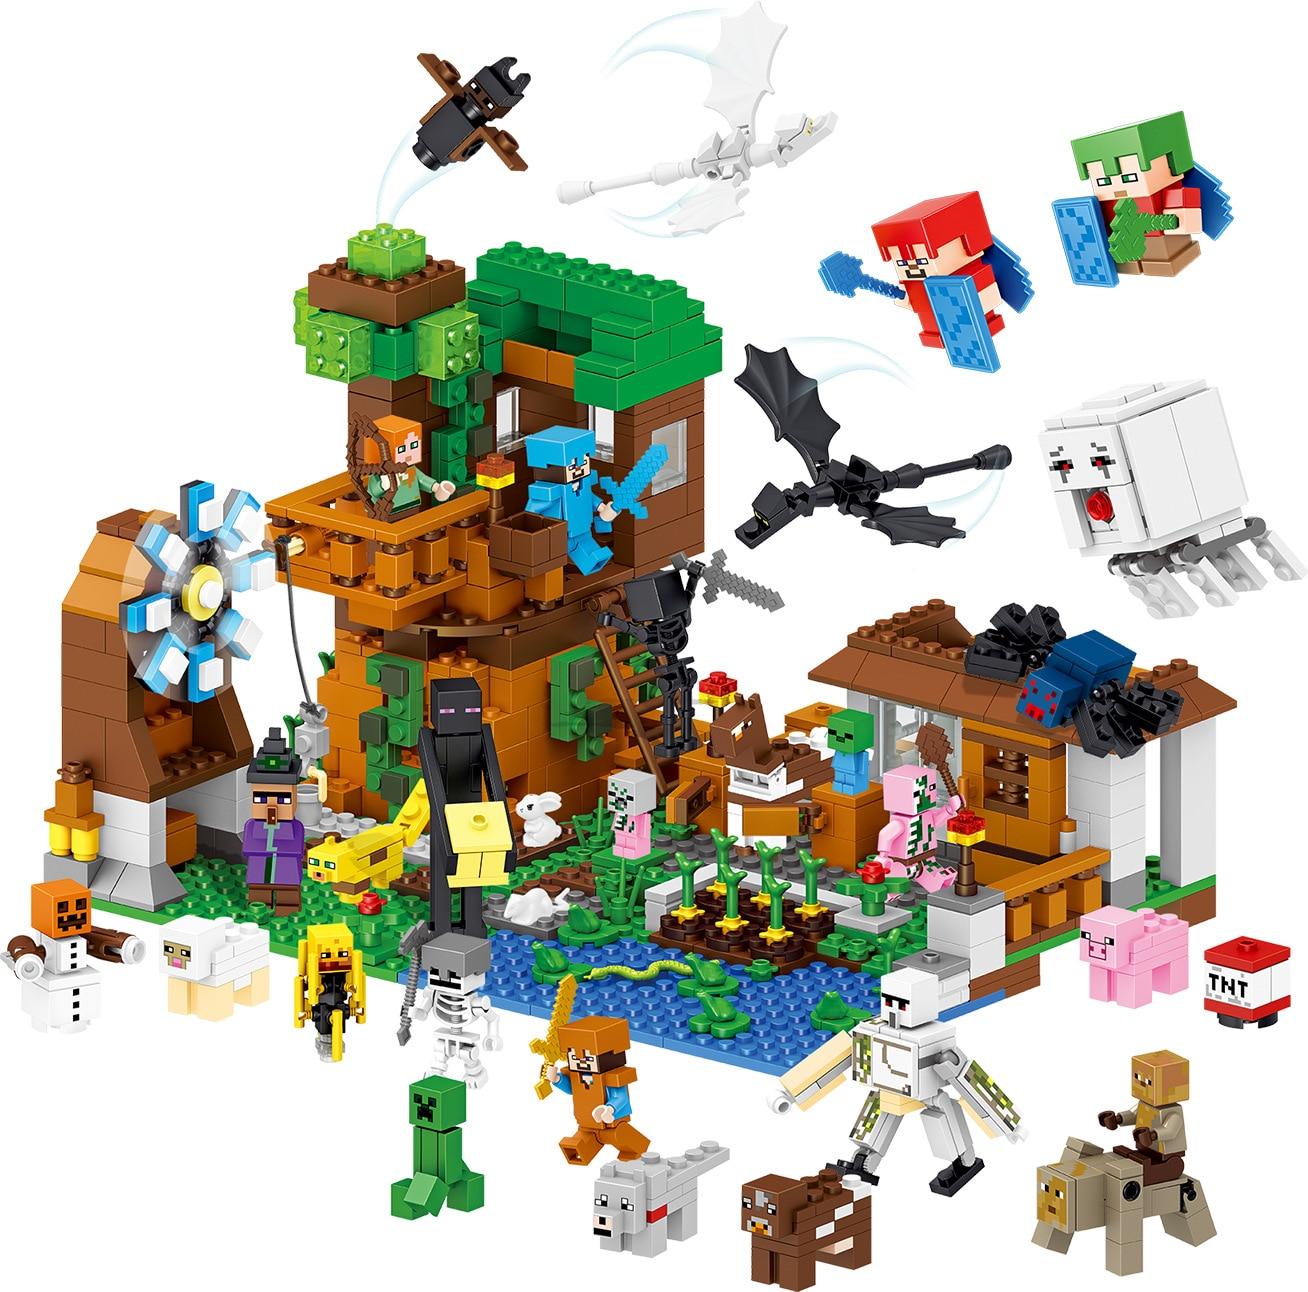 33163 1007 pièces Mon Monde De Luxe cabane Pet Village Ferme Moulin À Vent Lele blocs de construction jouet de construction